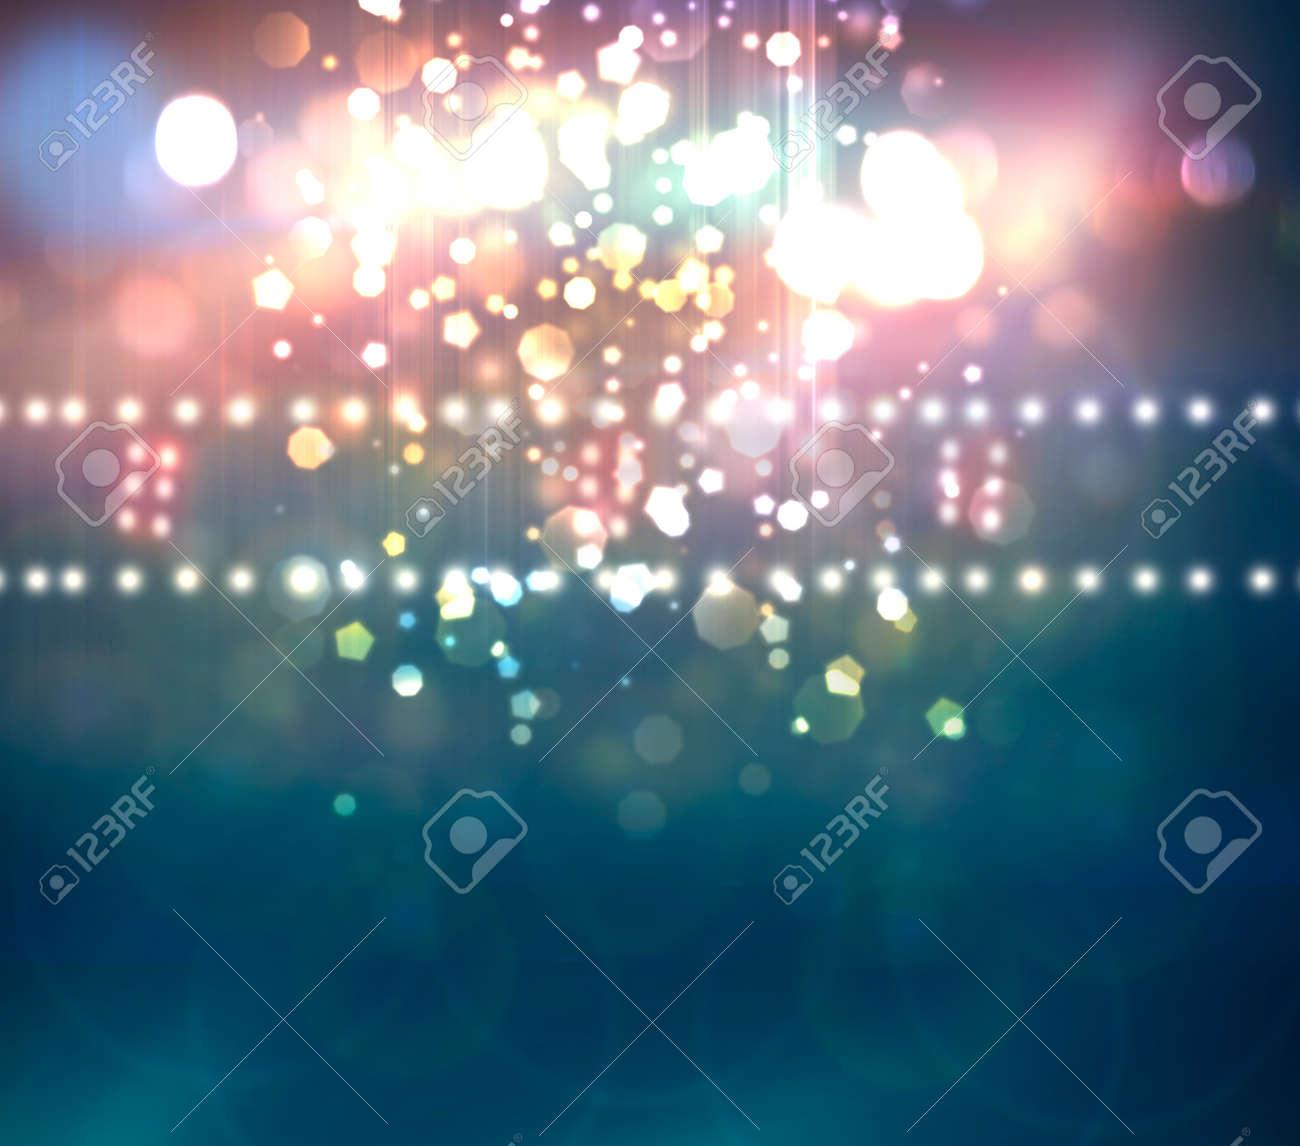 concert light show, Stage lights - 37920209